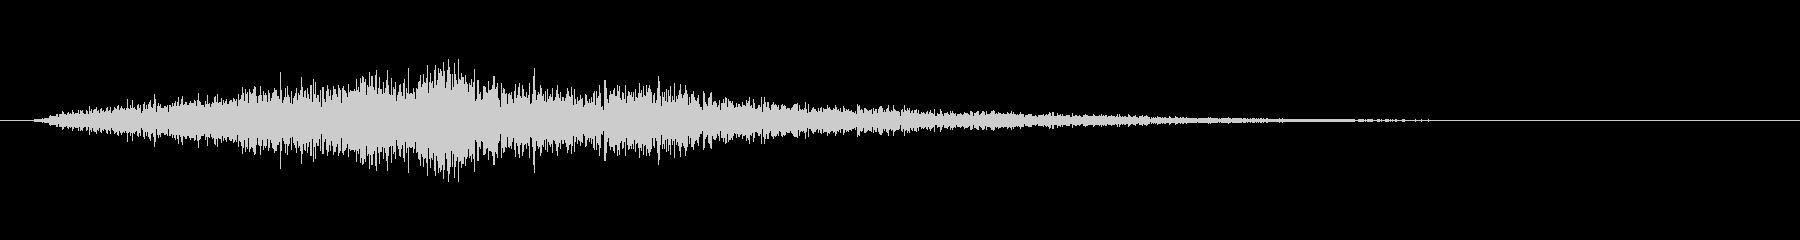 ファーン(スキル発動、マップ解禁)の未再生の波形